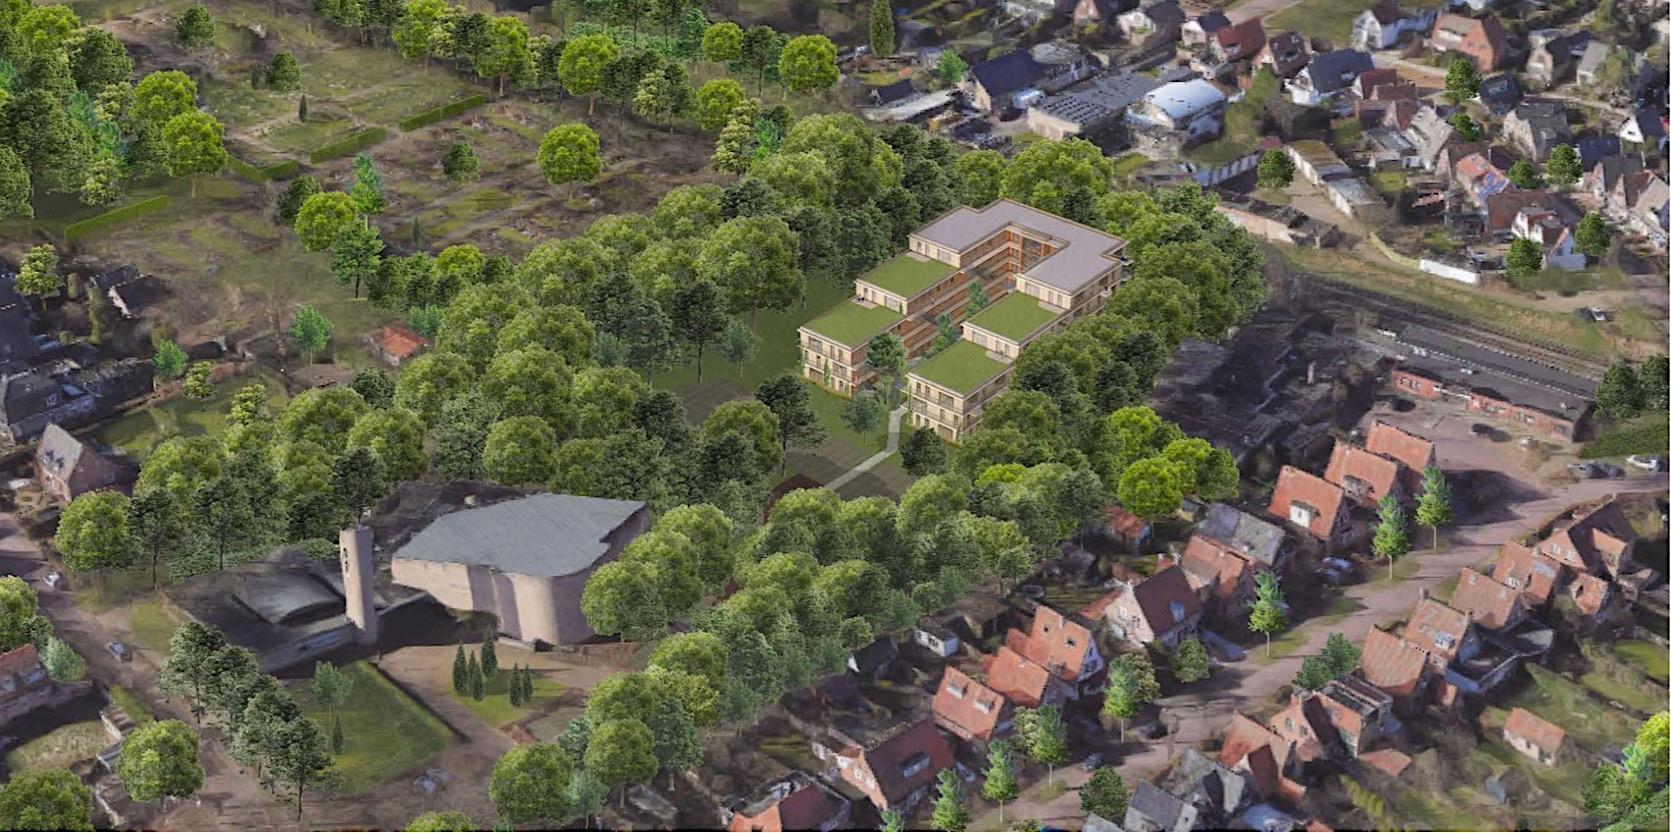 Plan voor wonen in De Rimboe: tot vijf hoog en voor 600 euro per maand